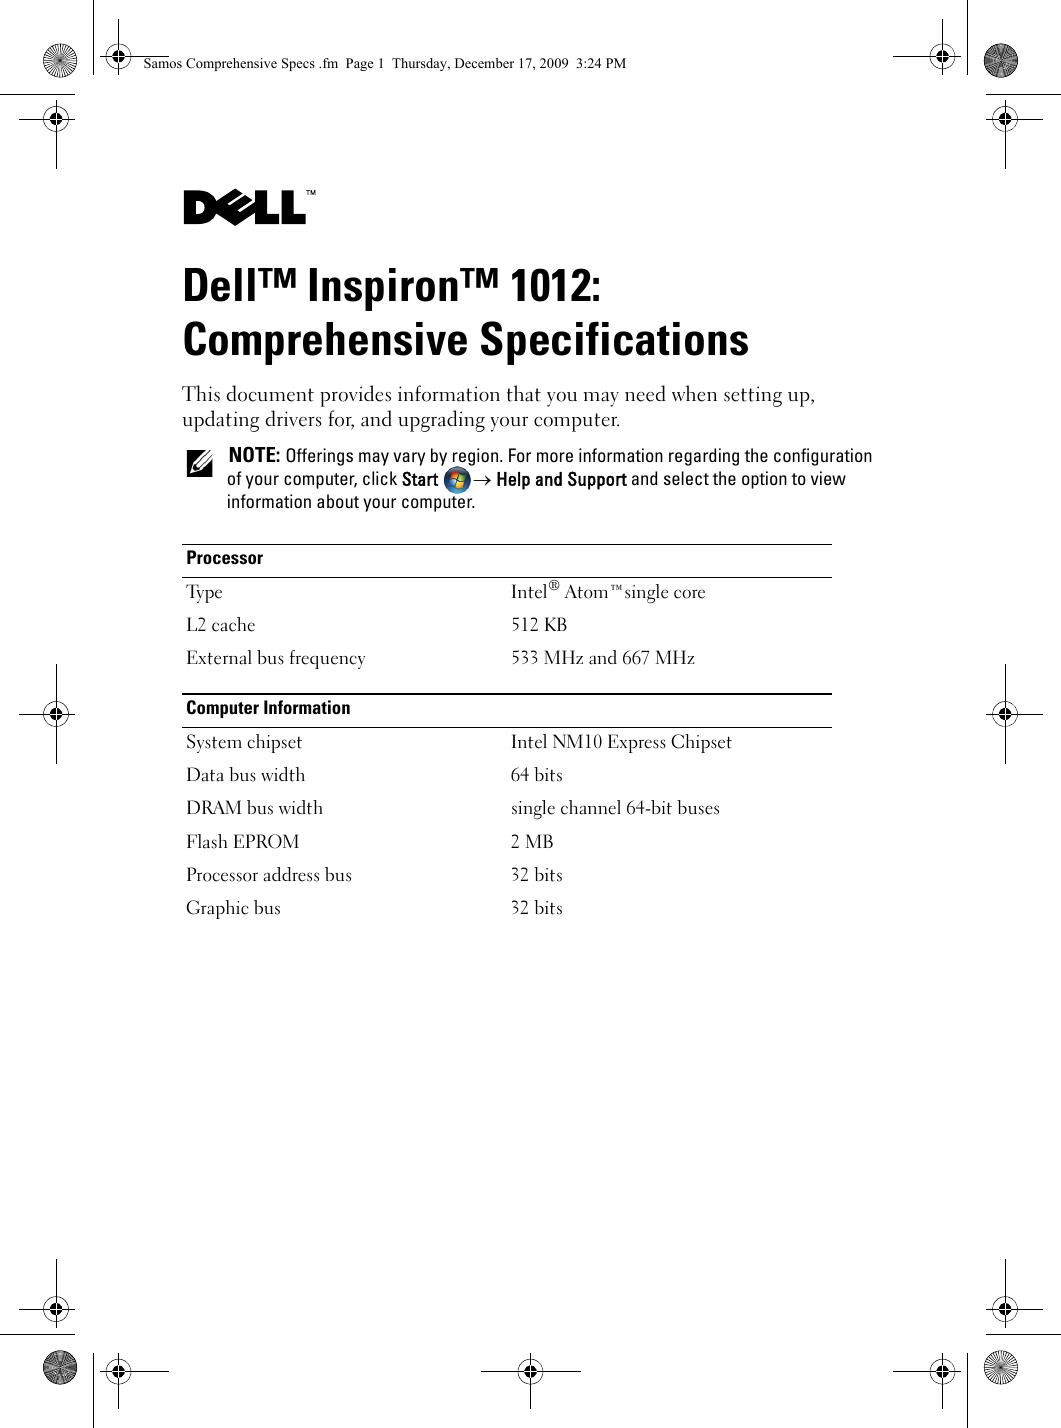 Dell Inspiron Mini 1012 Specifications Comprehensive